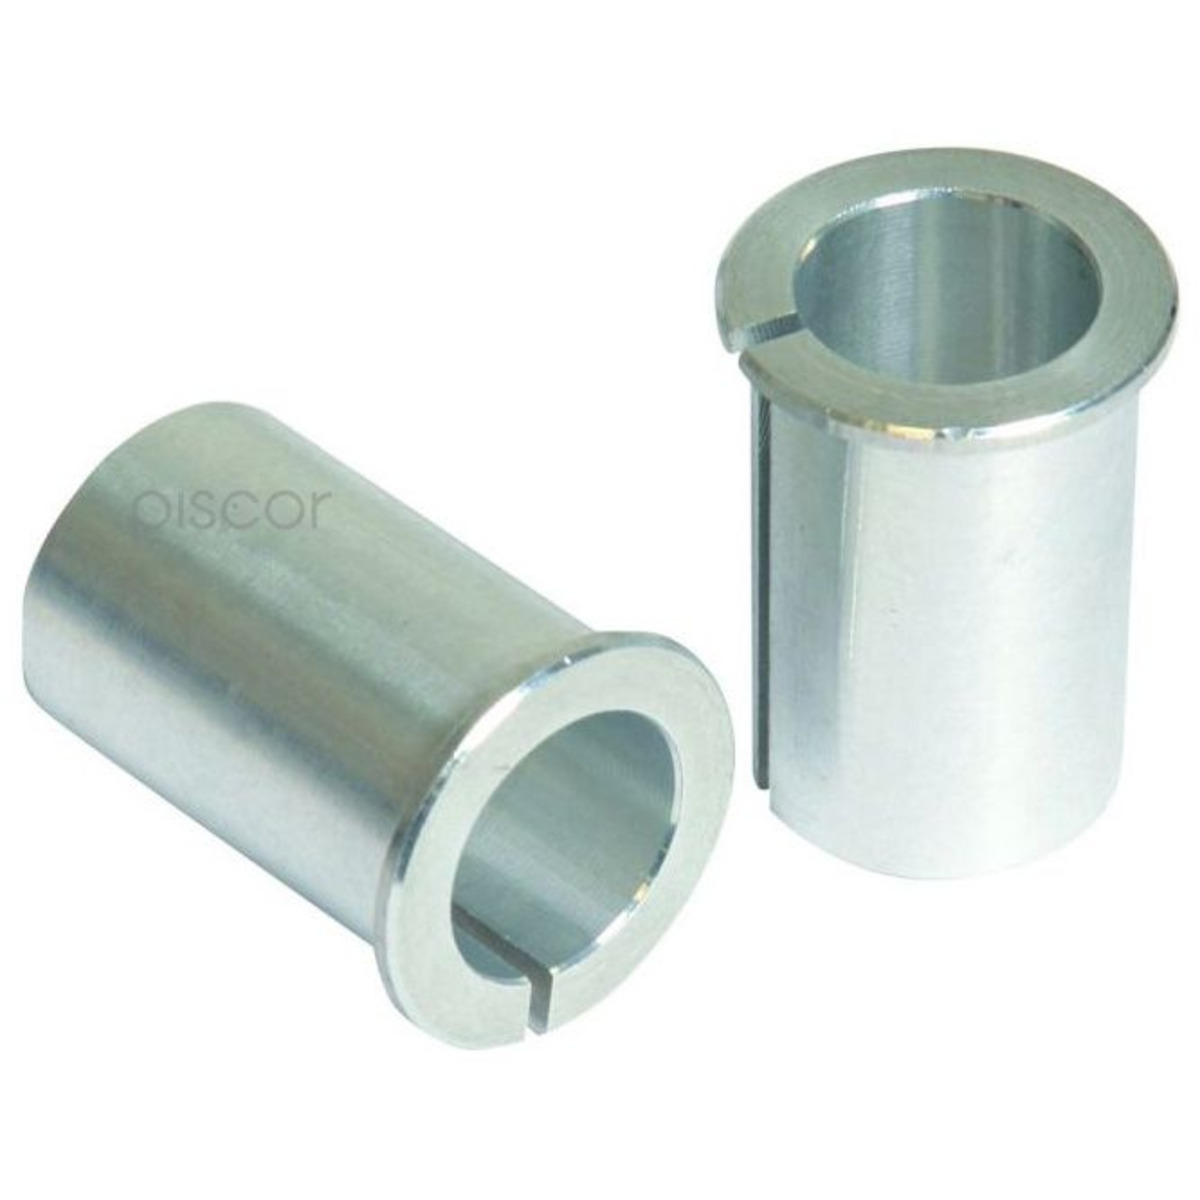 Colmic Büchse aus Aluminium -